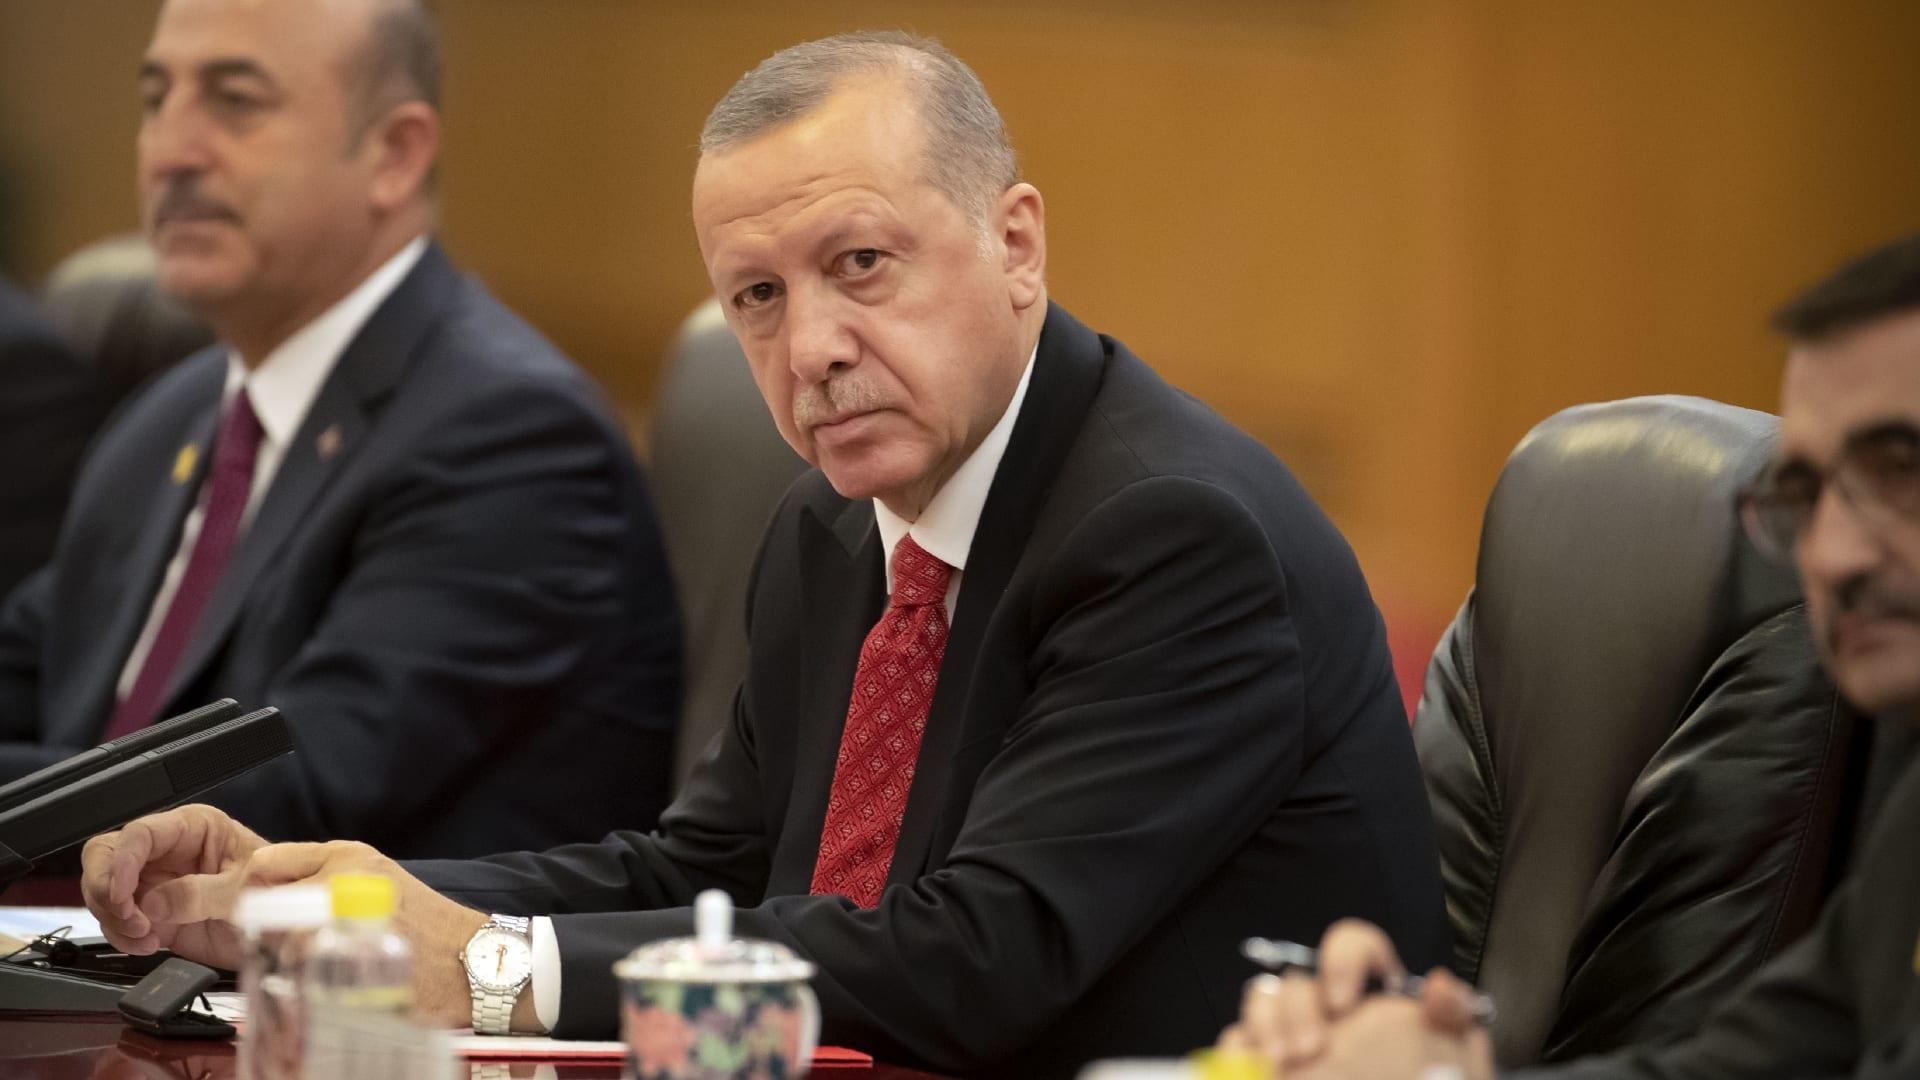 بعد مقتل أحد موظفي قنصليتها في أربيل.. أول رد رسمي من الرئاسة التركية على الحادثة